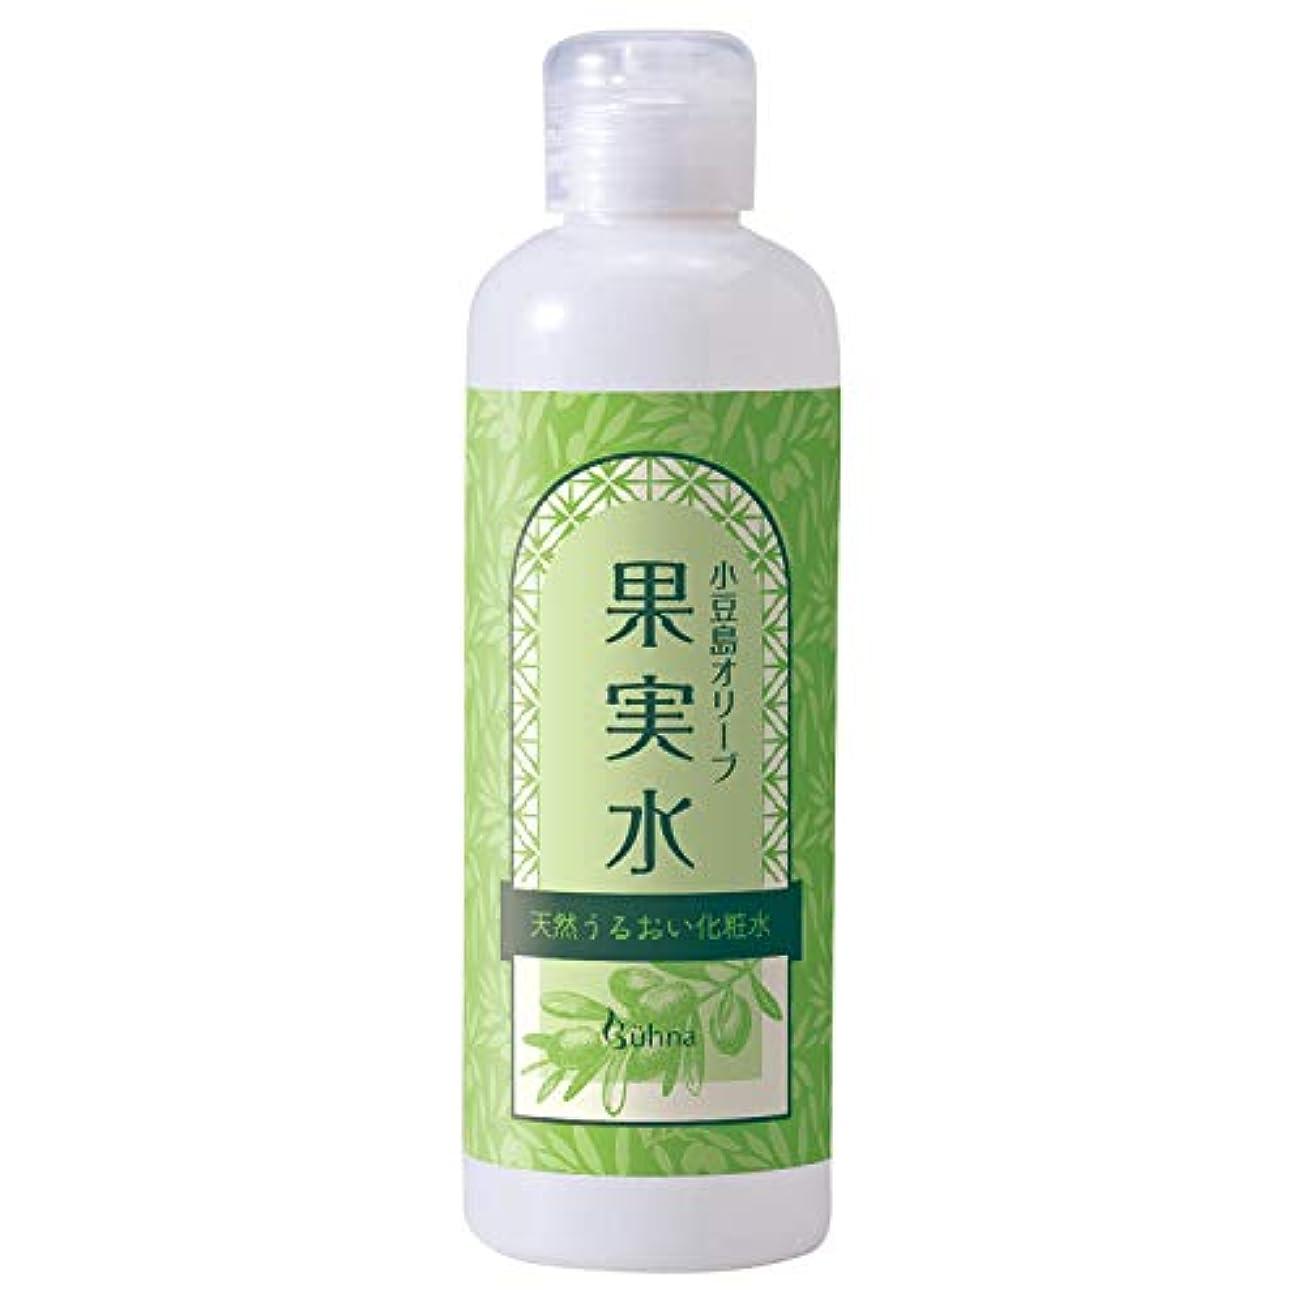 襟環境襟ビューナ 小豆島オリーブ果実水 化粧水 保湿 オリーブオイル 無着色